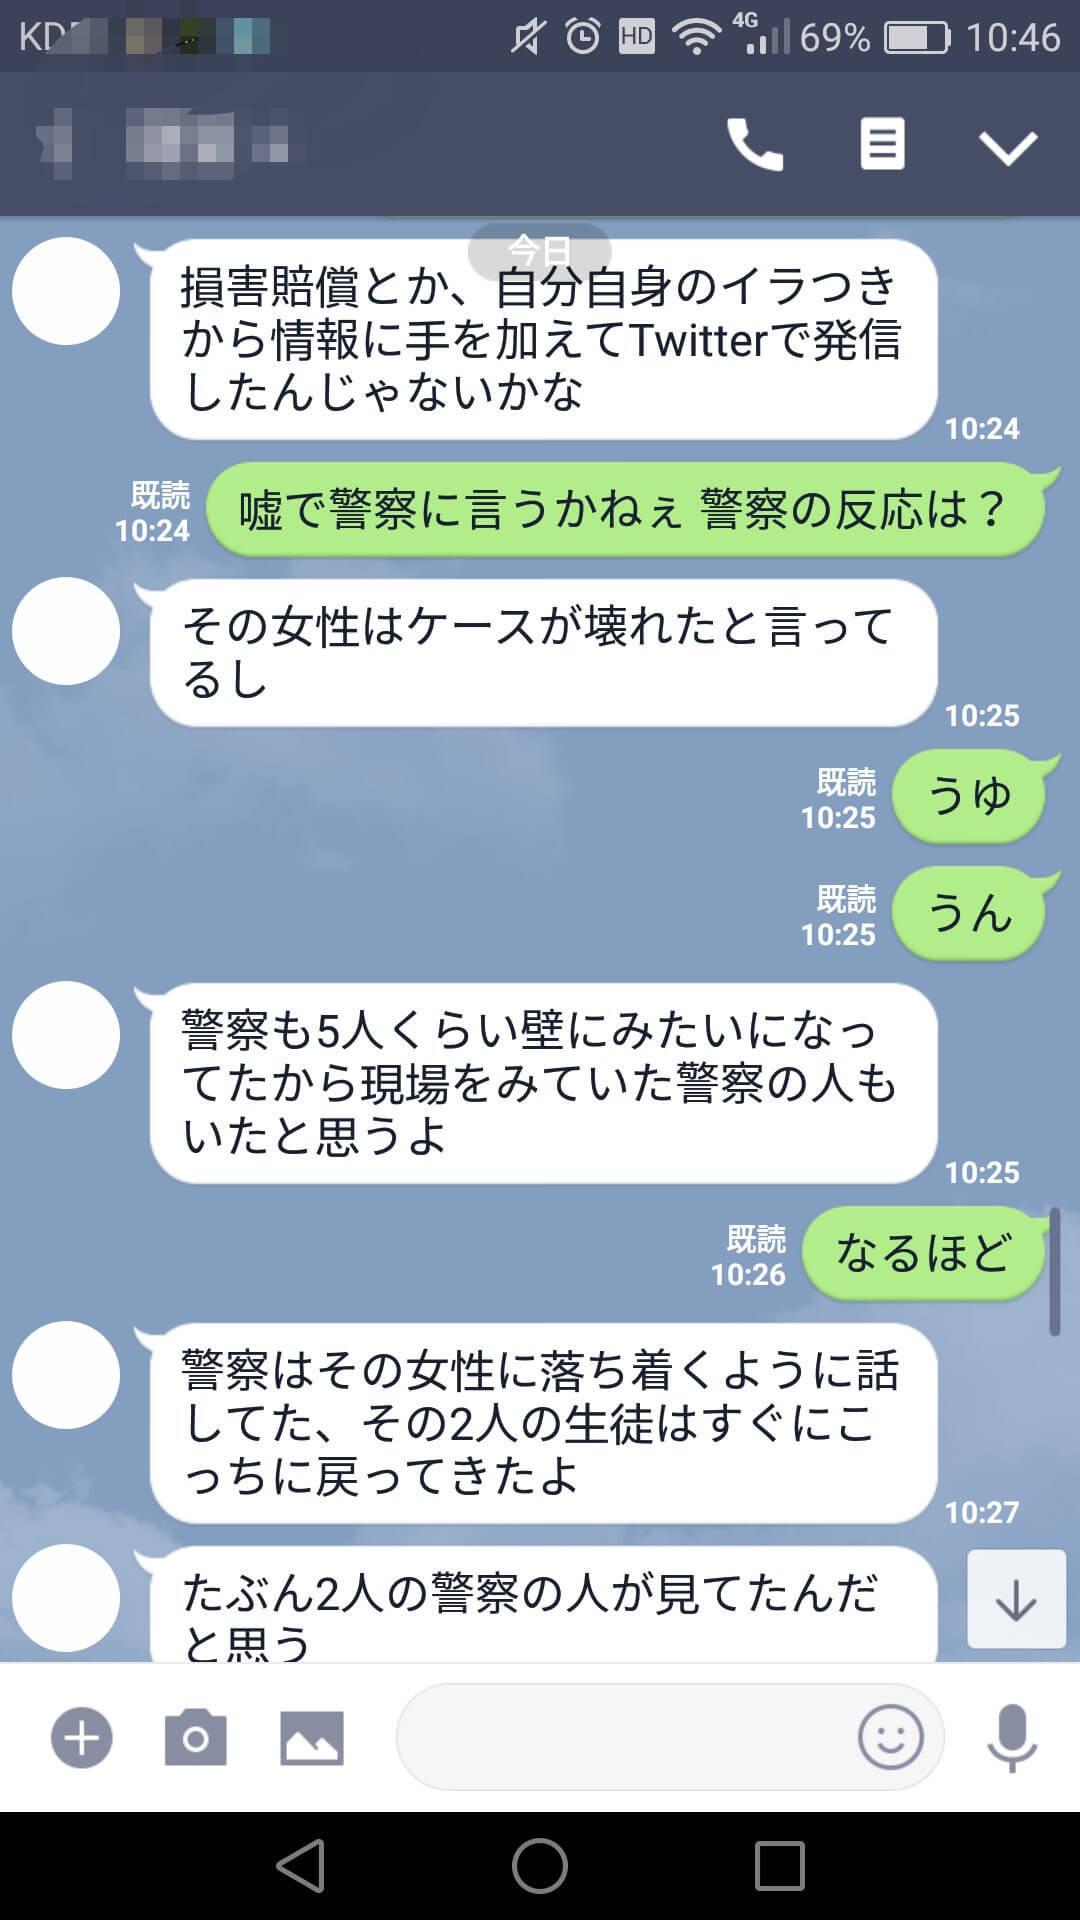 新橋駅前SL広場の騒動についてさなさん(@sana_seria)が関係者に事実関係を確認したキャプチャ画像10